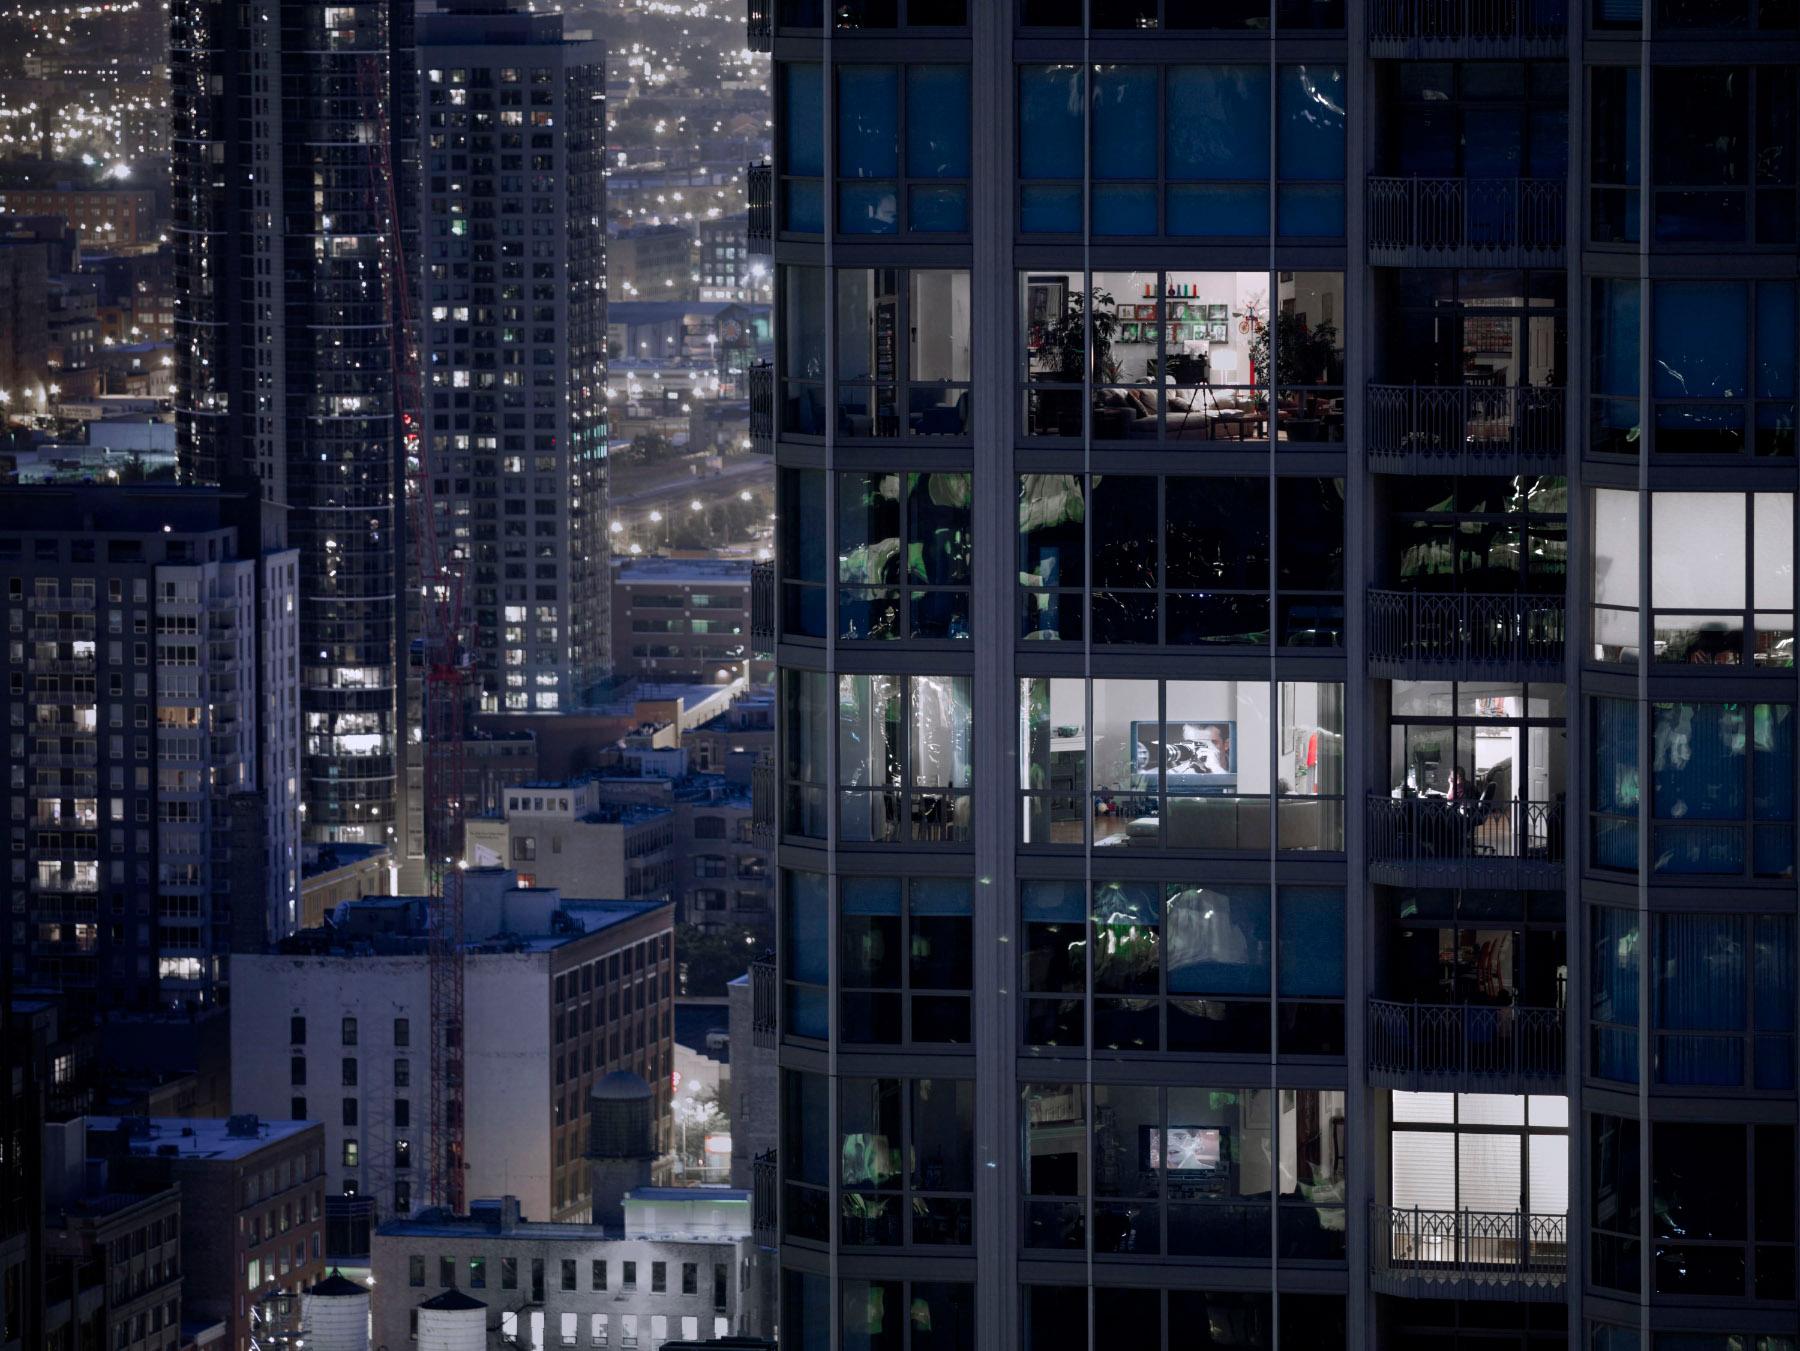 Michael Wolf, 'Transparent City # 88', 2007 © Michael Wolf | Robert Koch Gallery, work exhibited by: ROBERT KOCH